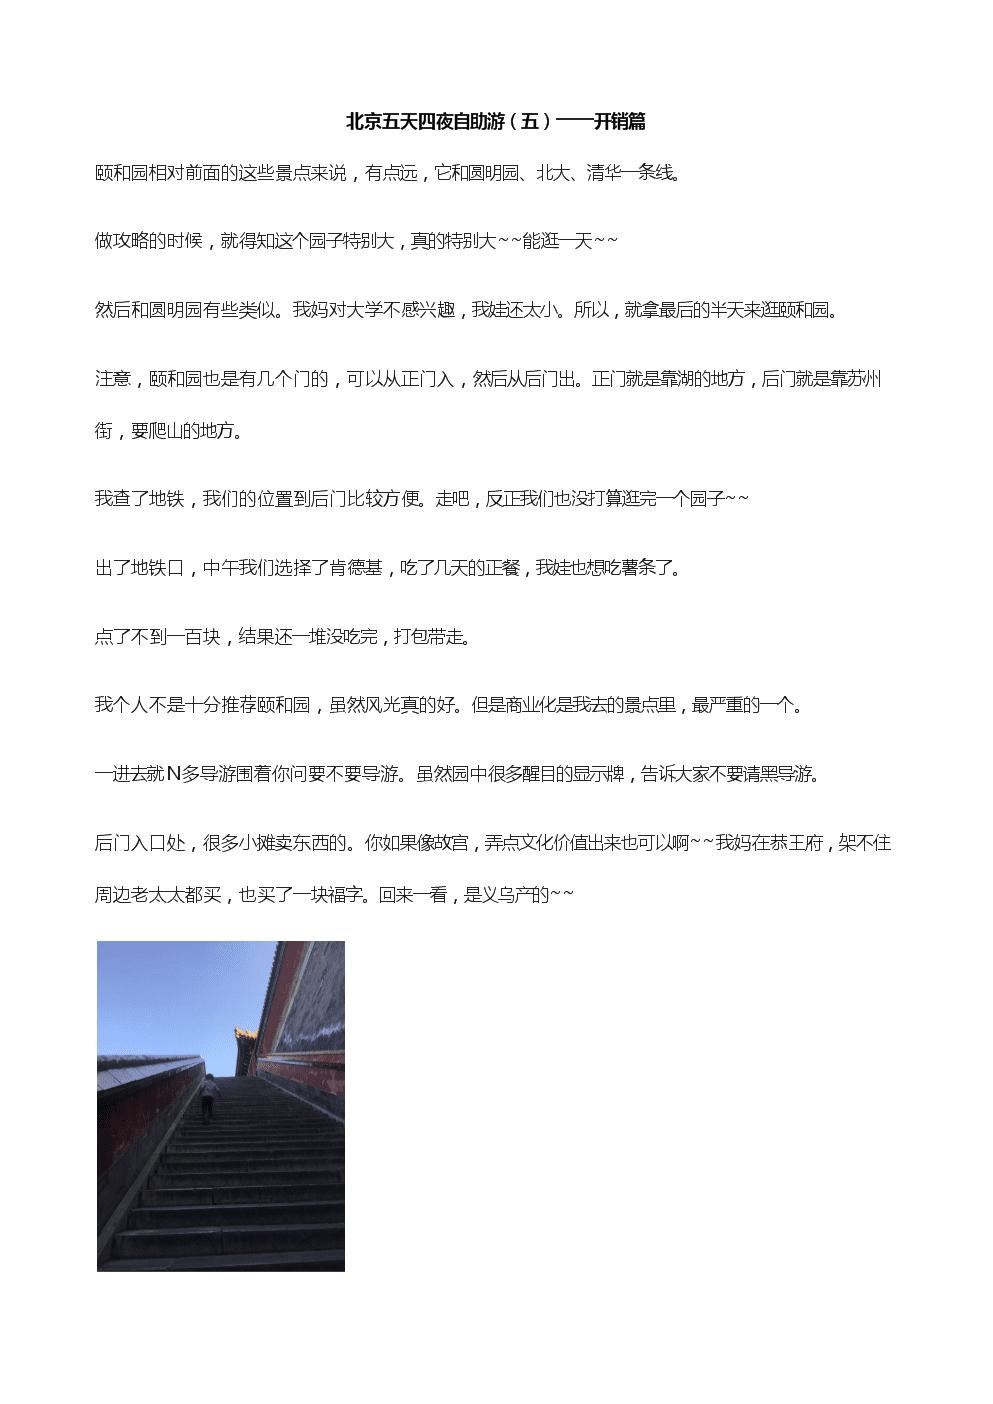 北京五天四夜自助游(之五)开销篇.docx